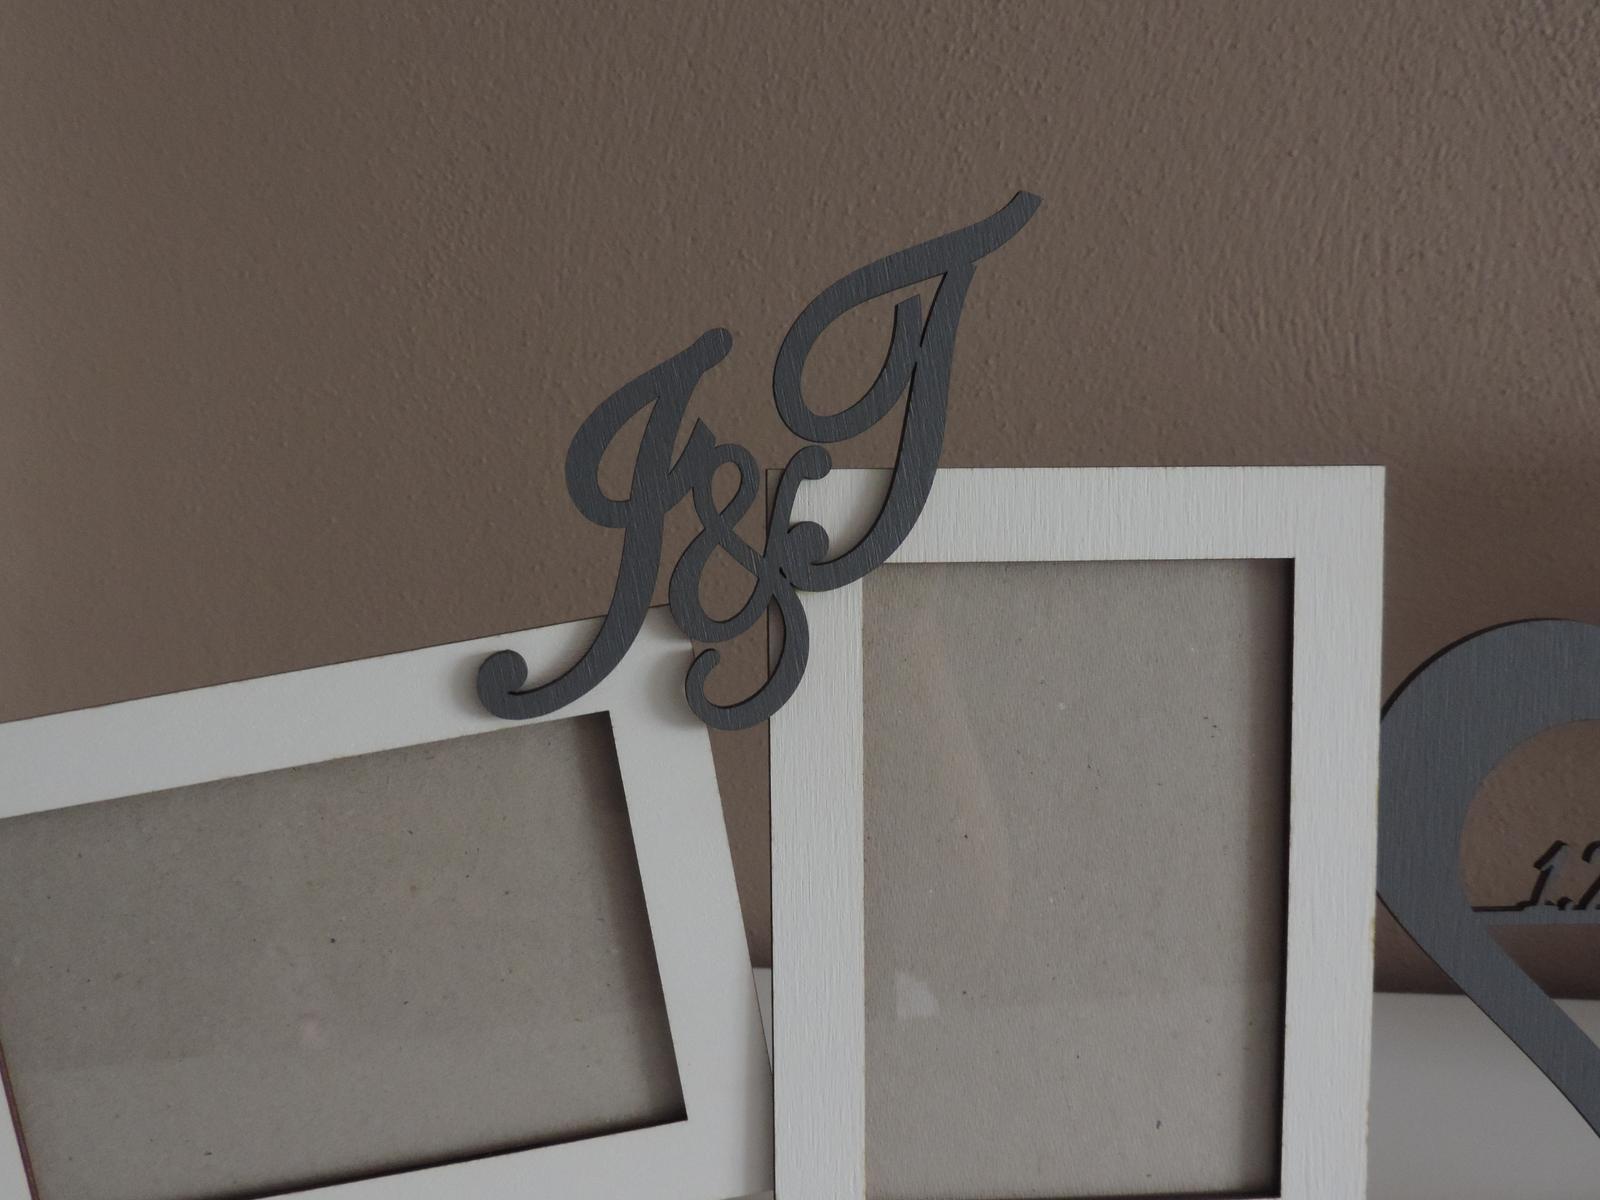 Fotorámiky s iniciálmy  - Obrázok č. 3